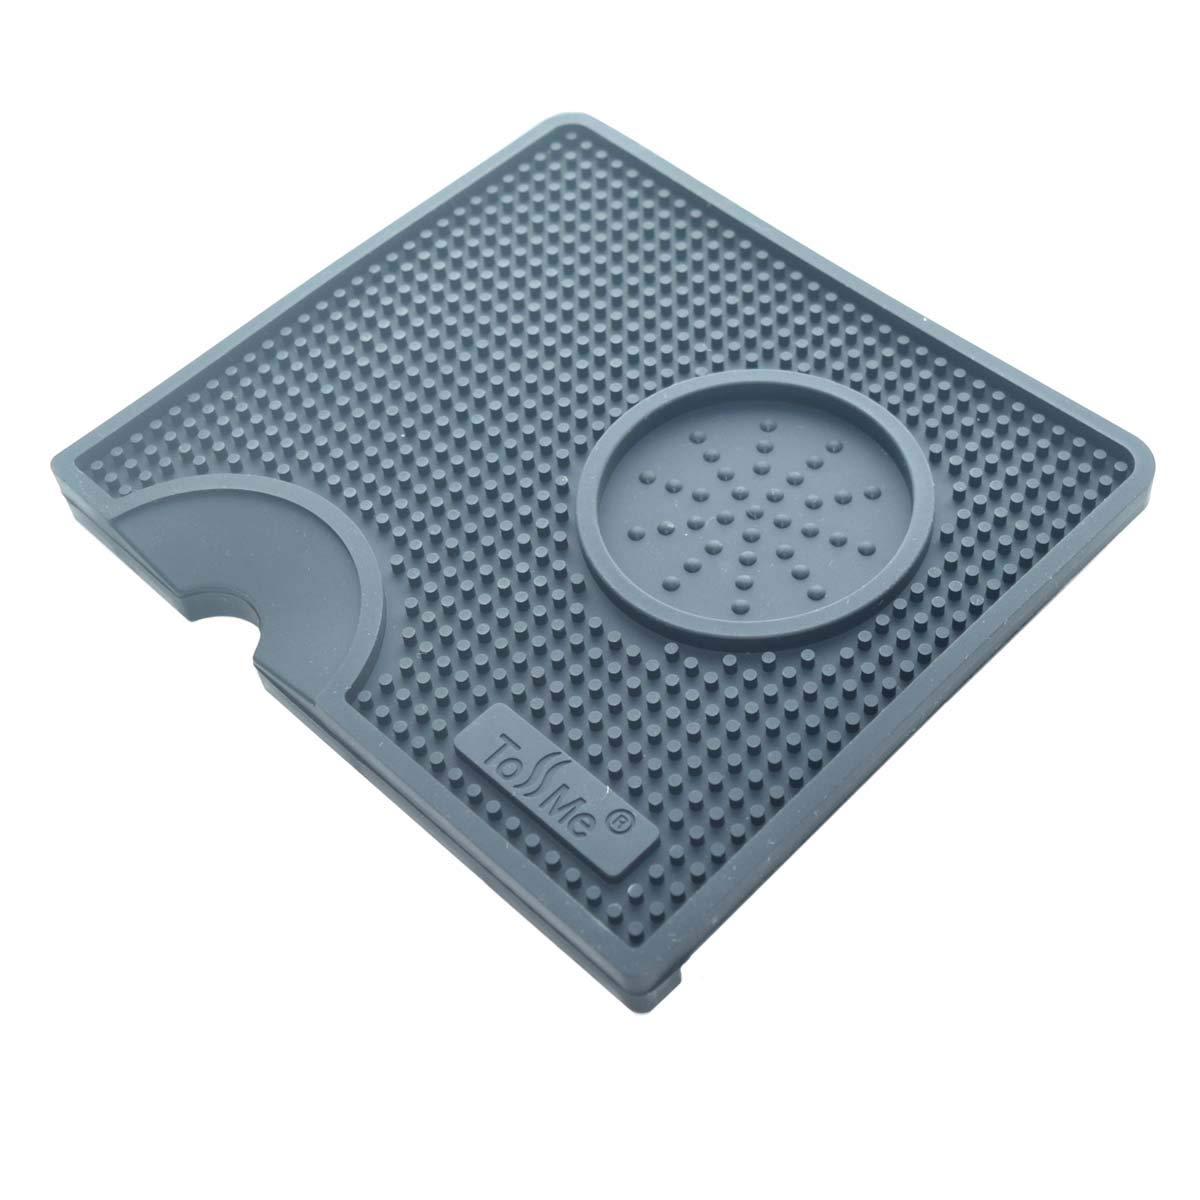 Almohadilla para caf/é en polvo Alfombrilla de silicona para caf/é expr/és TM-CO01 Negro Alfombrilla para caf/é ToSSme Alfombrilla de silicona para caf/é Alfombrilla para caf/é expr/és